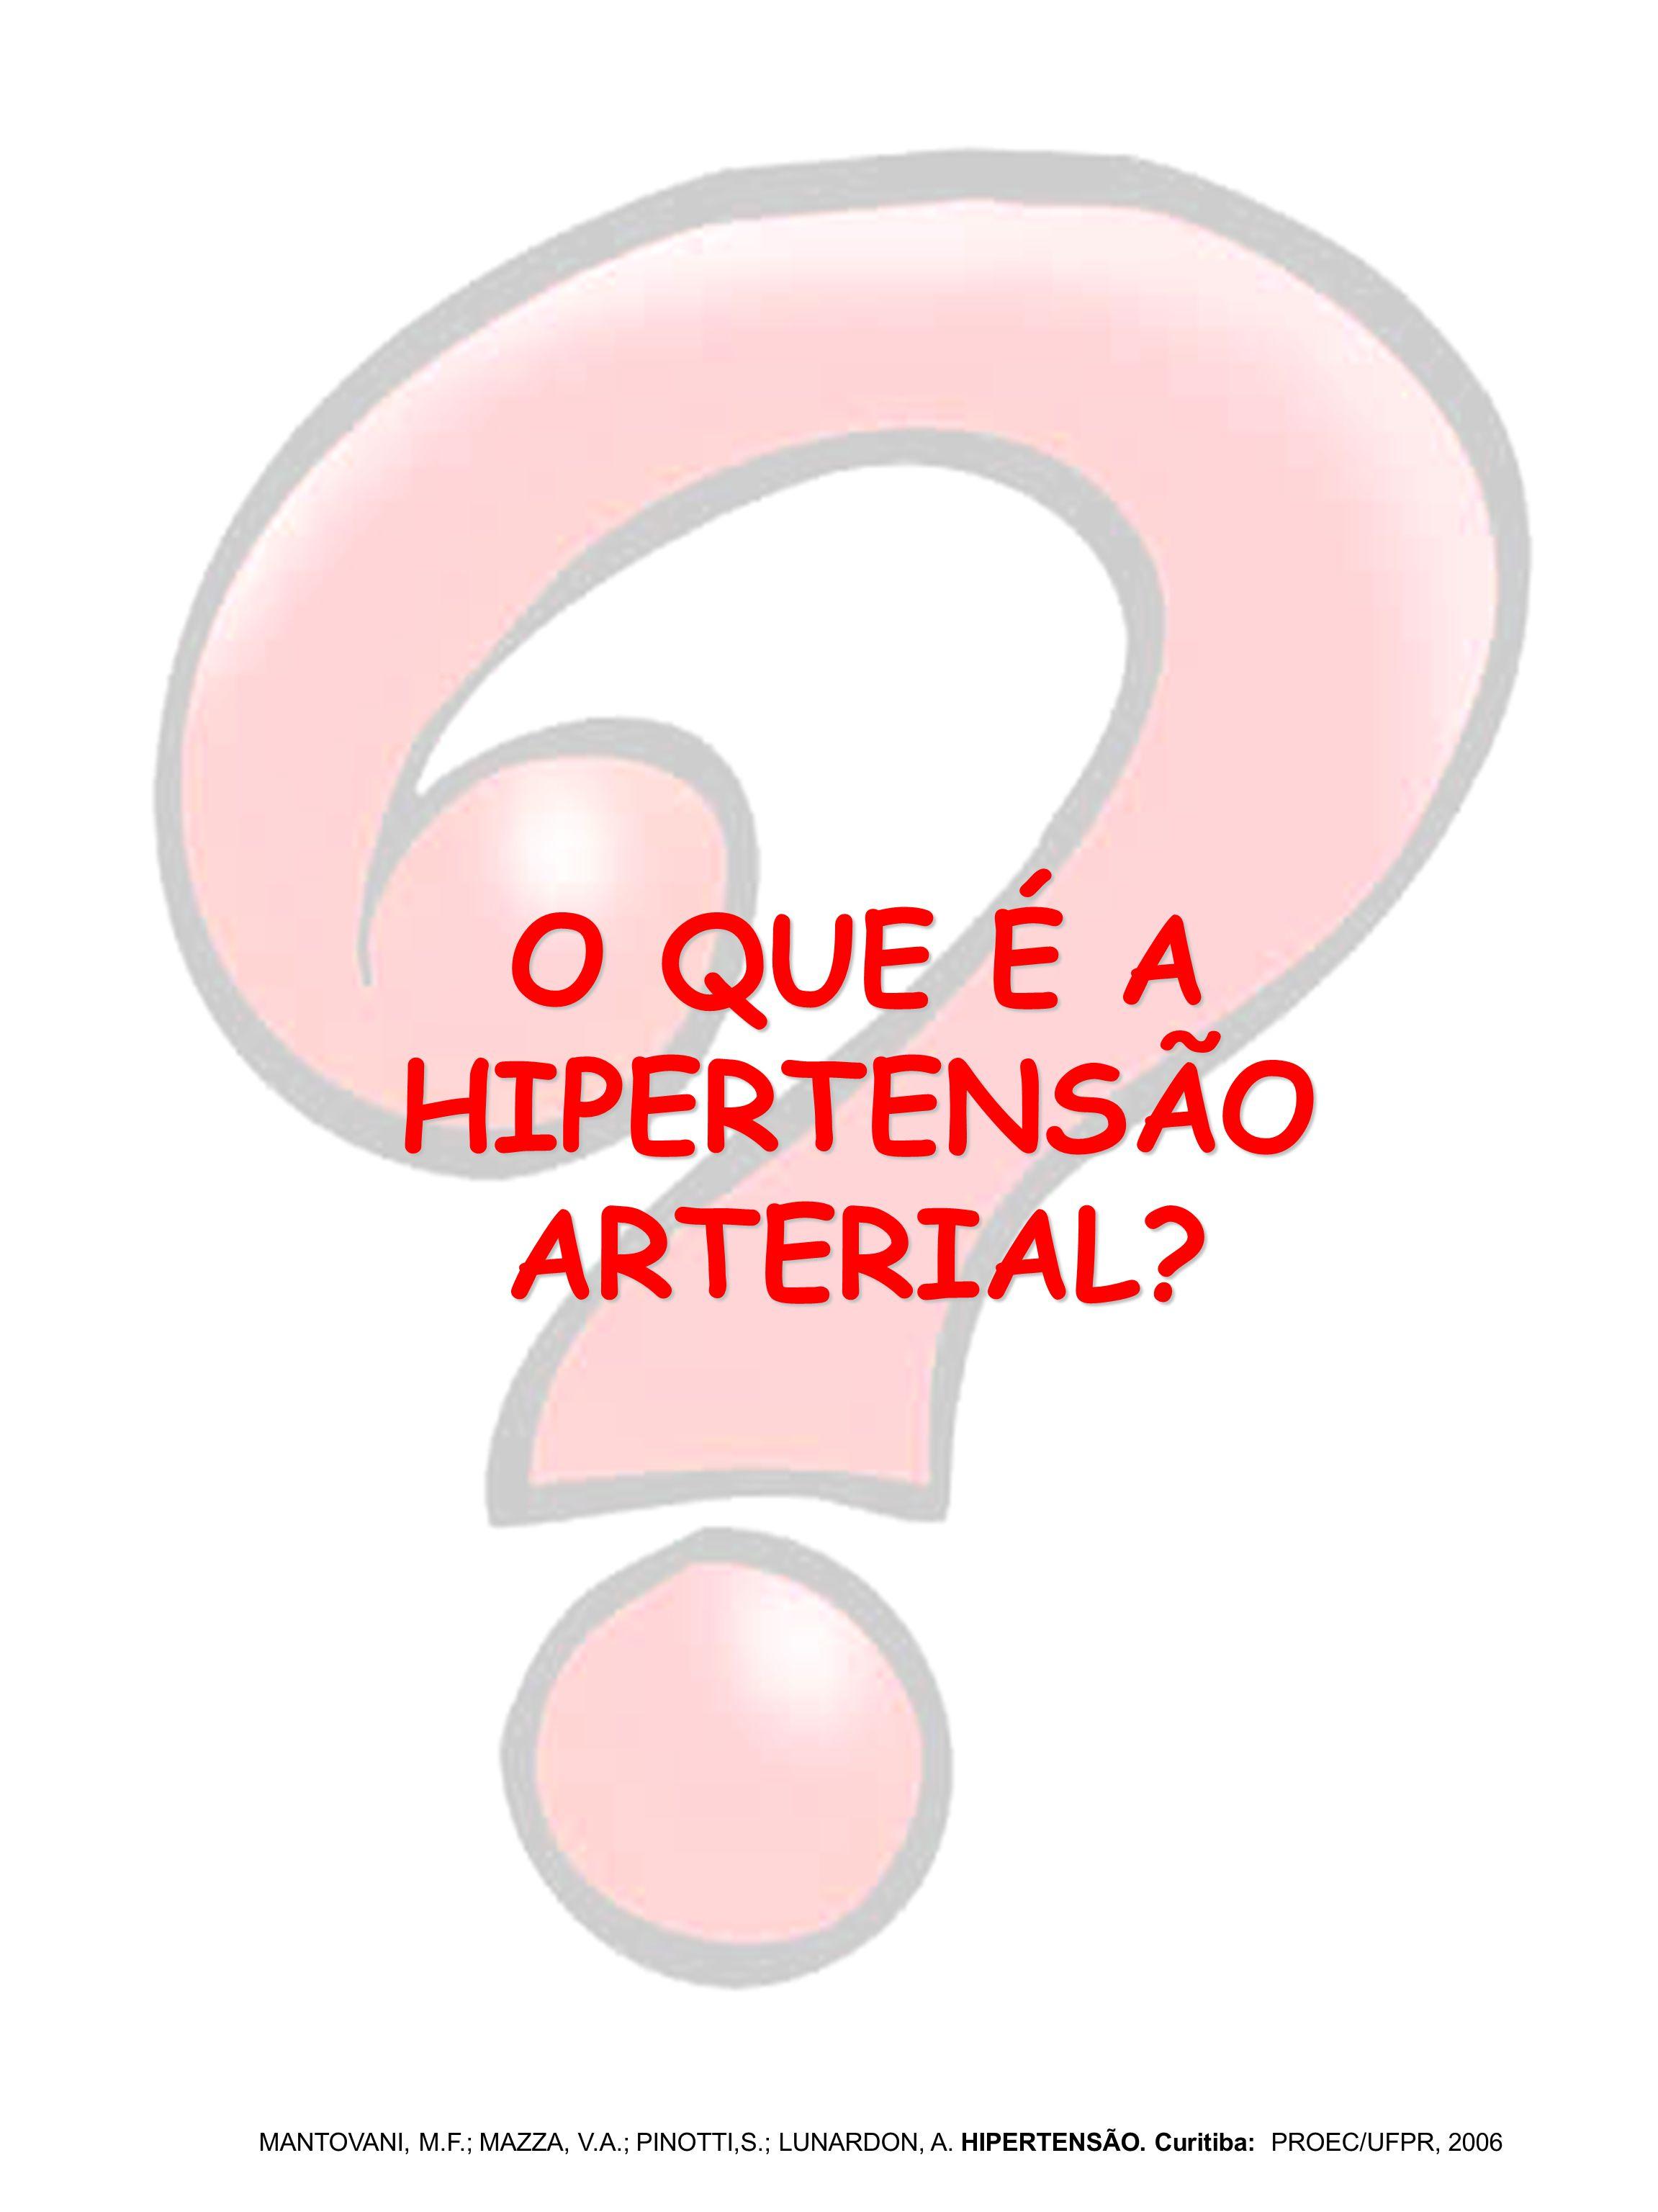 O QUE É A HIPERTENSÃO ARTERIAL